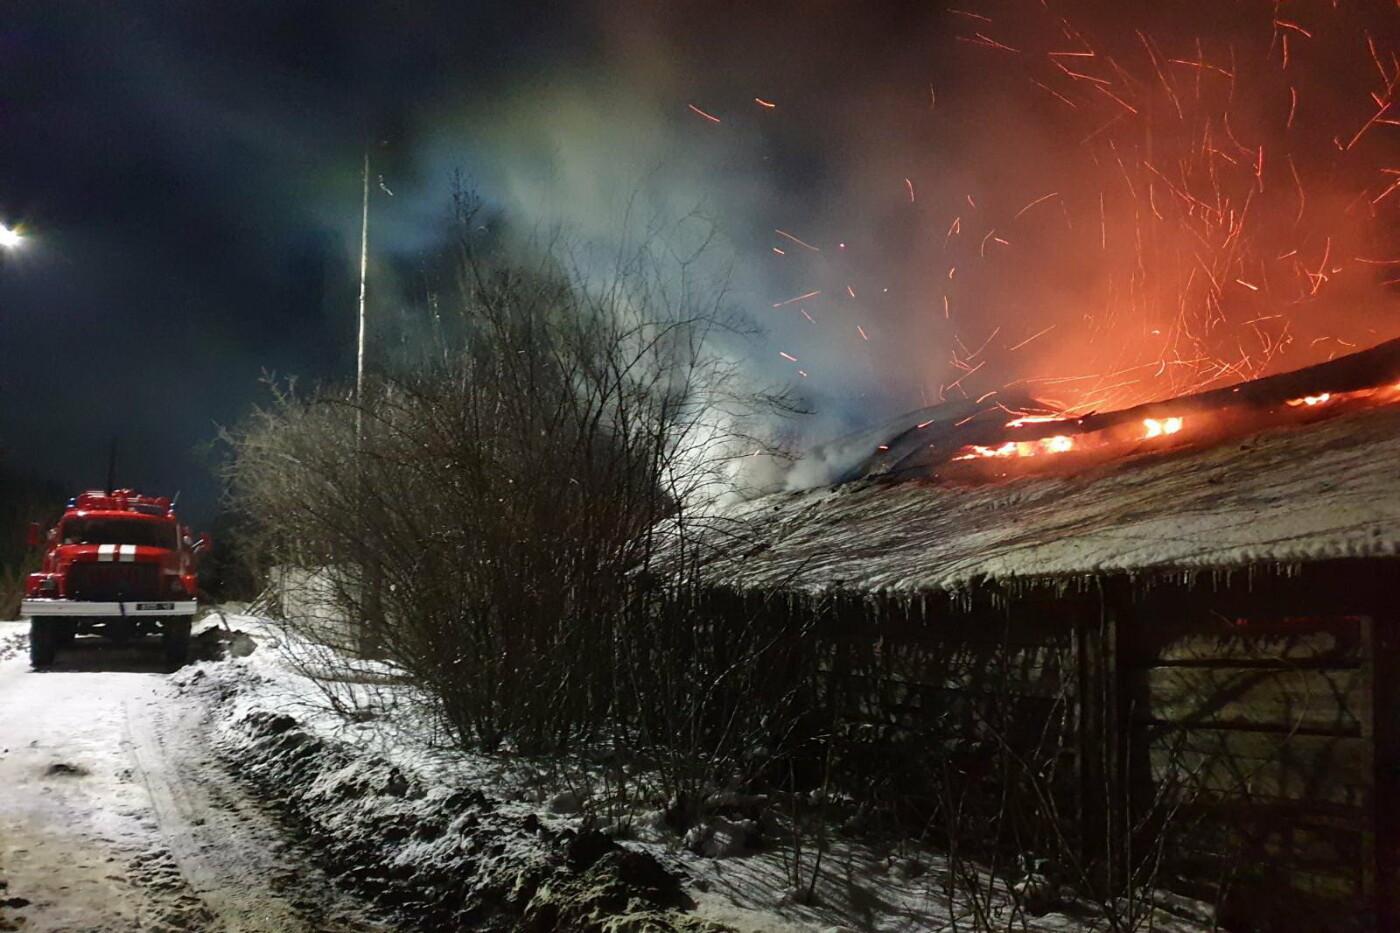 На Харьковщине спасатели восемь часов тушили пожар в частном доме, - ВИДЕО, ФОТО, фото-4